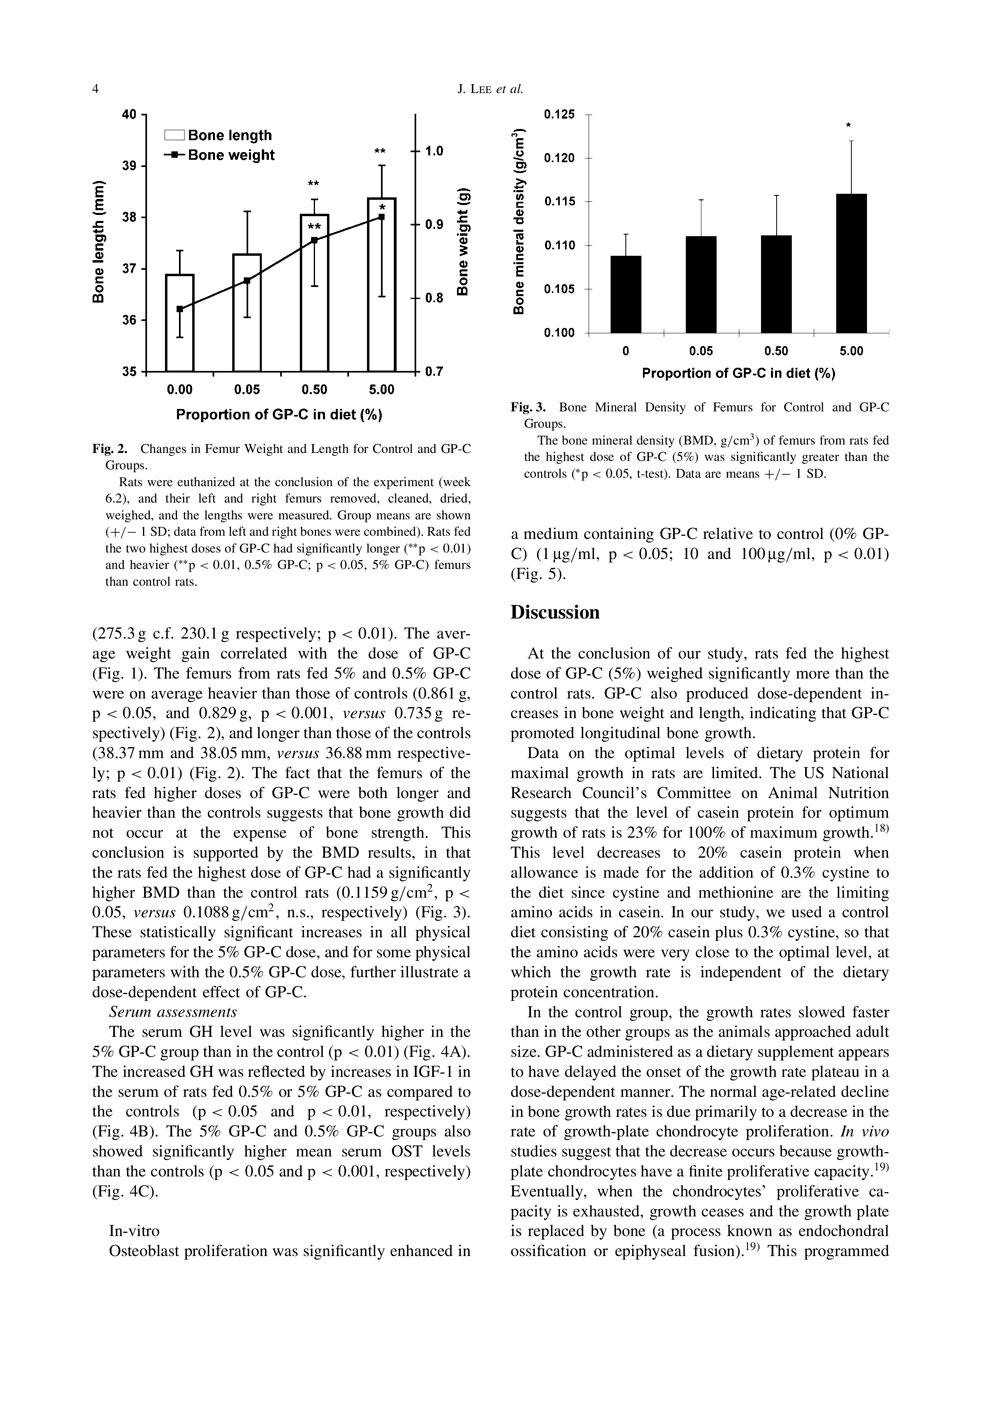 初乳による人間の骨の成長と発達を促進する可能性 P4